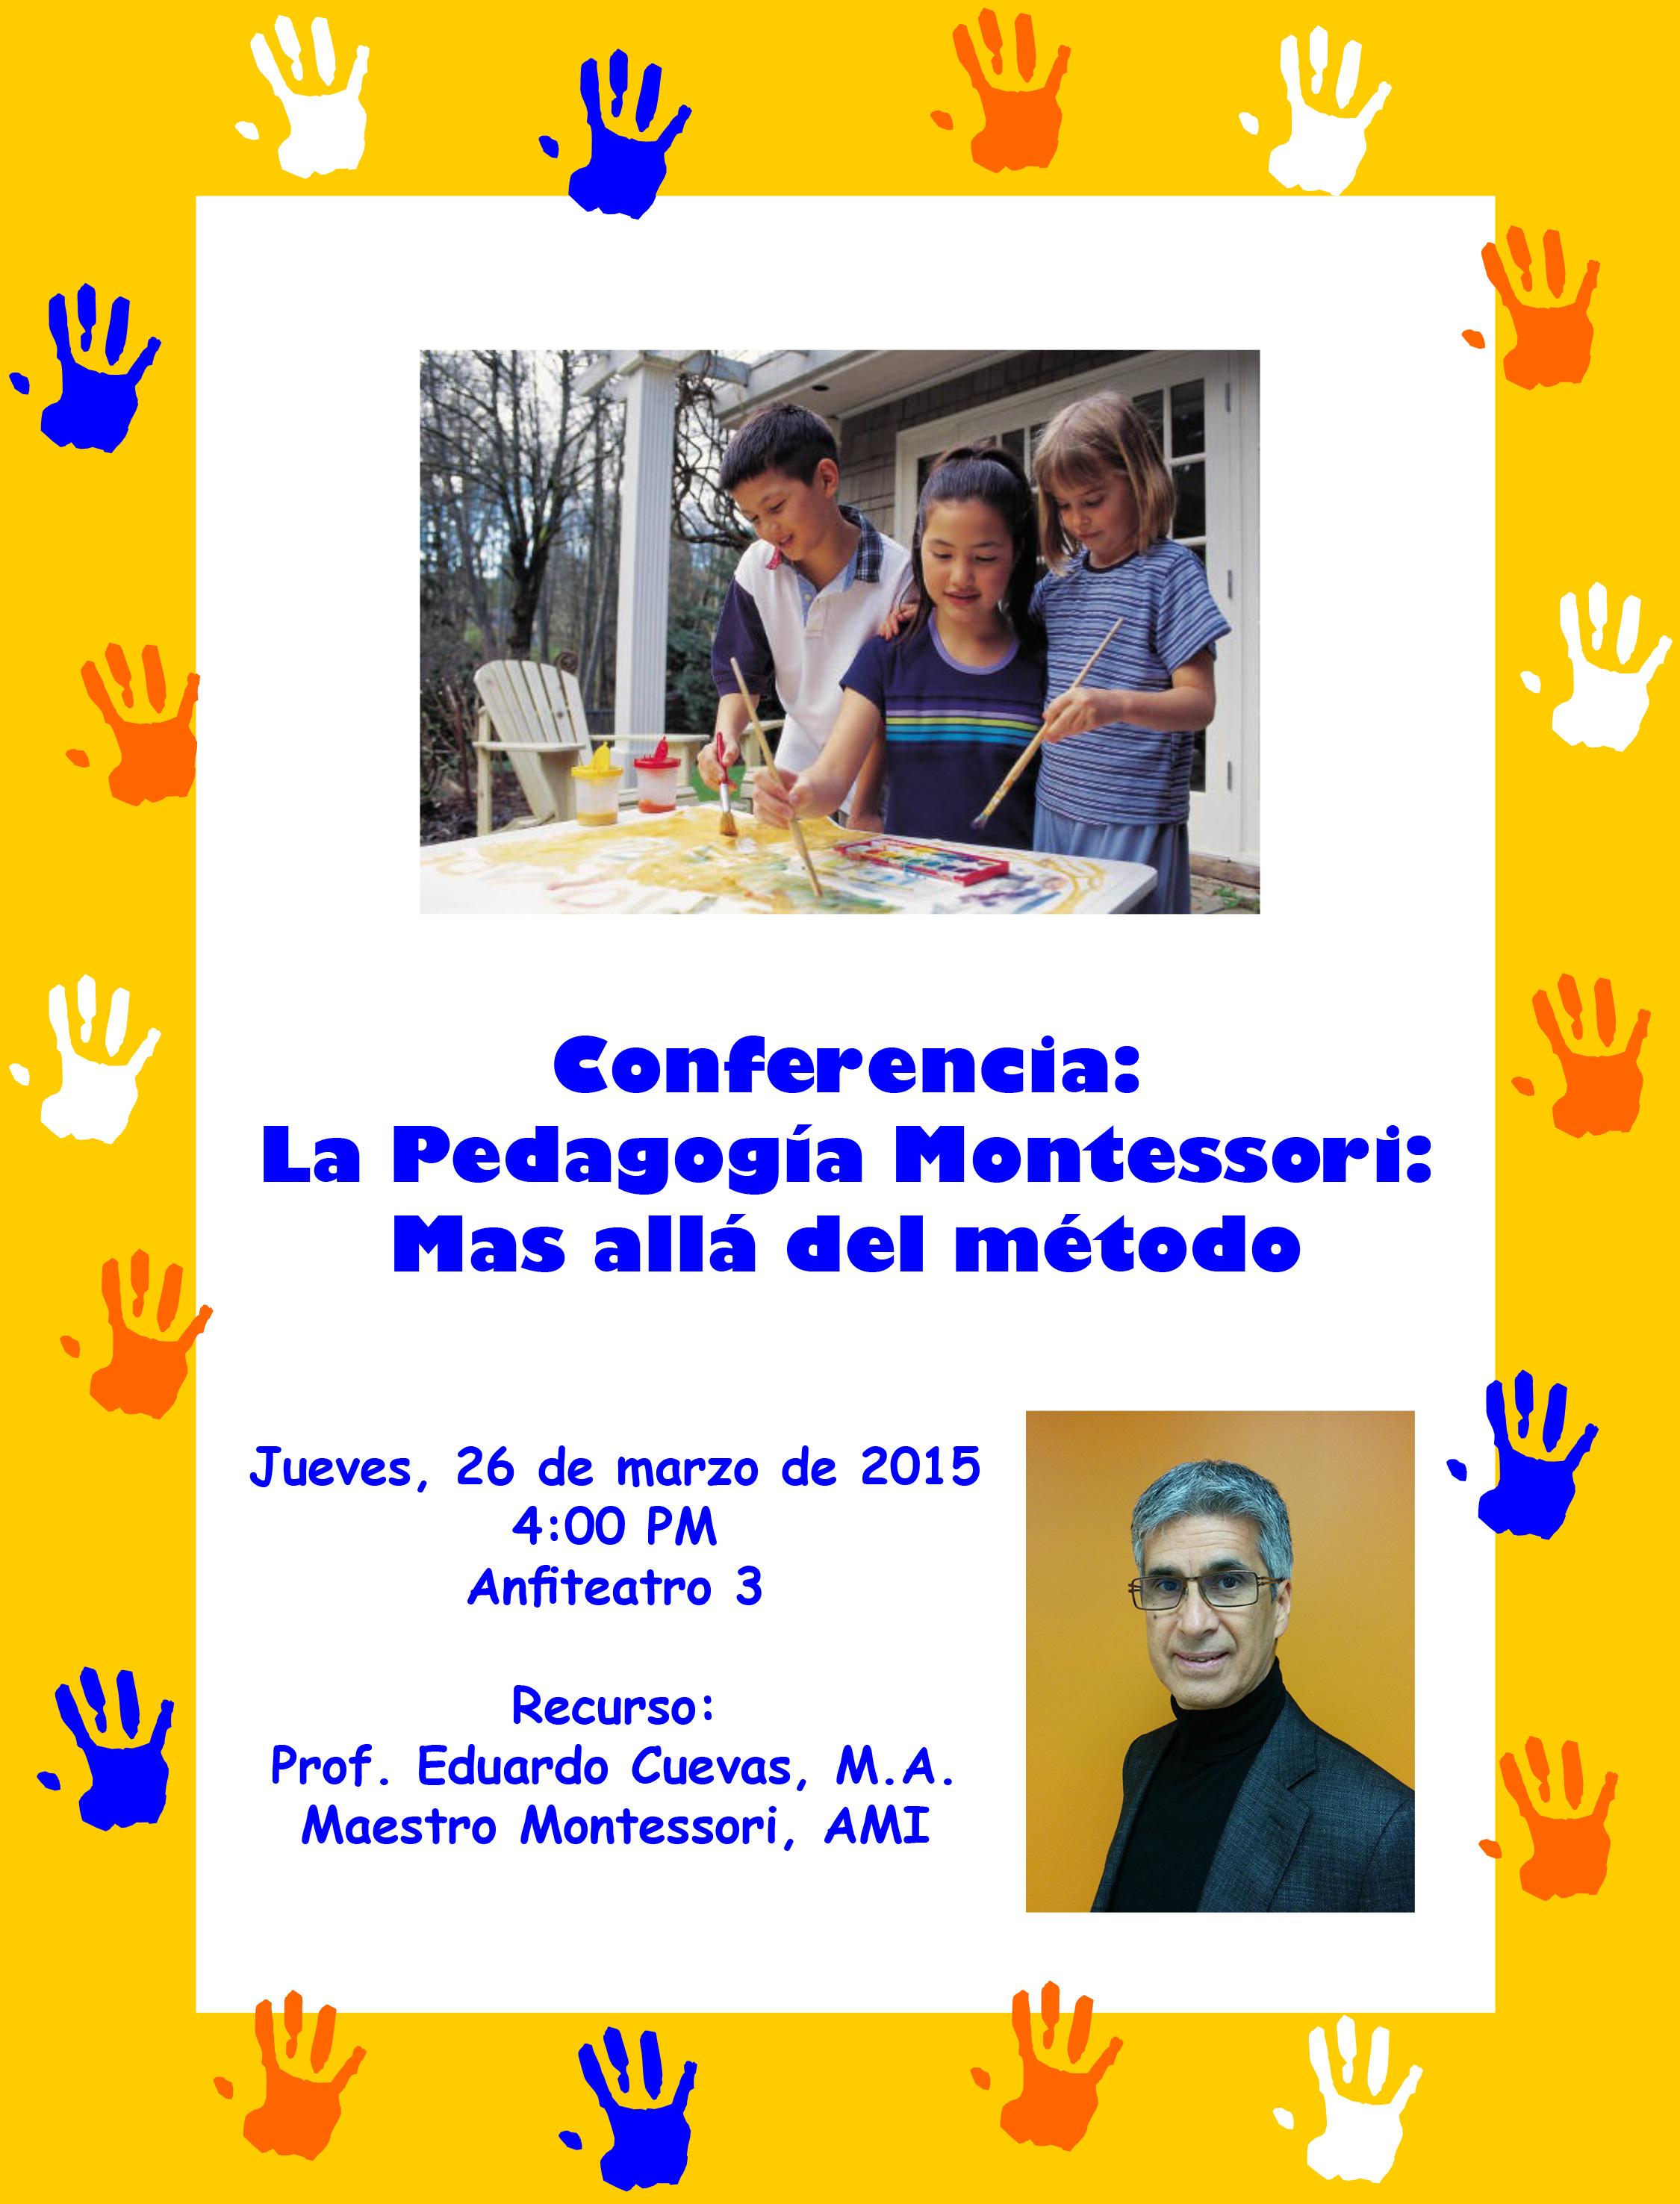 Conferencia Montessori